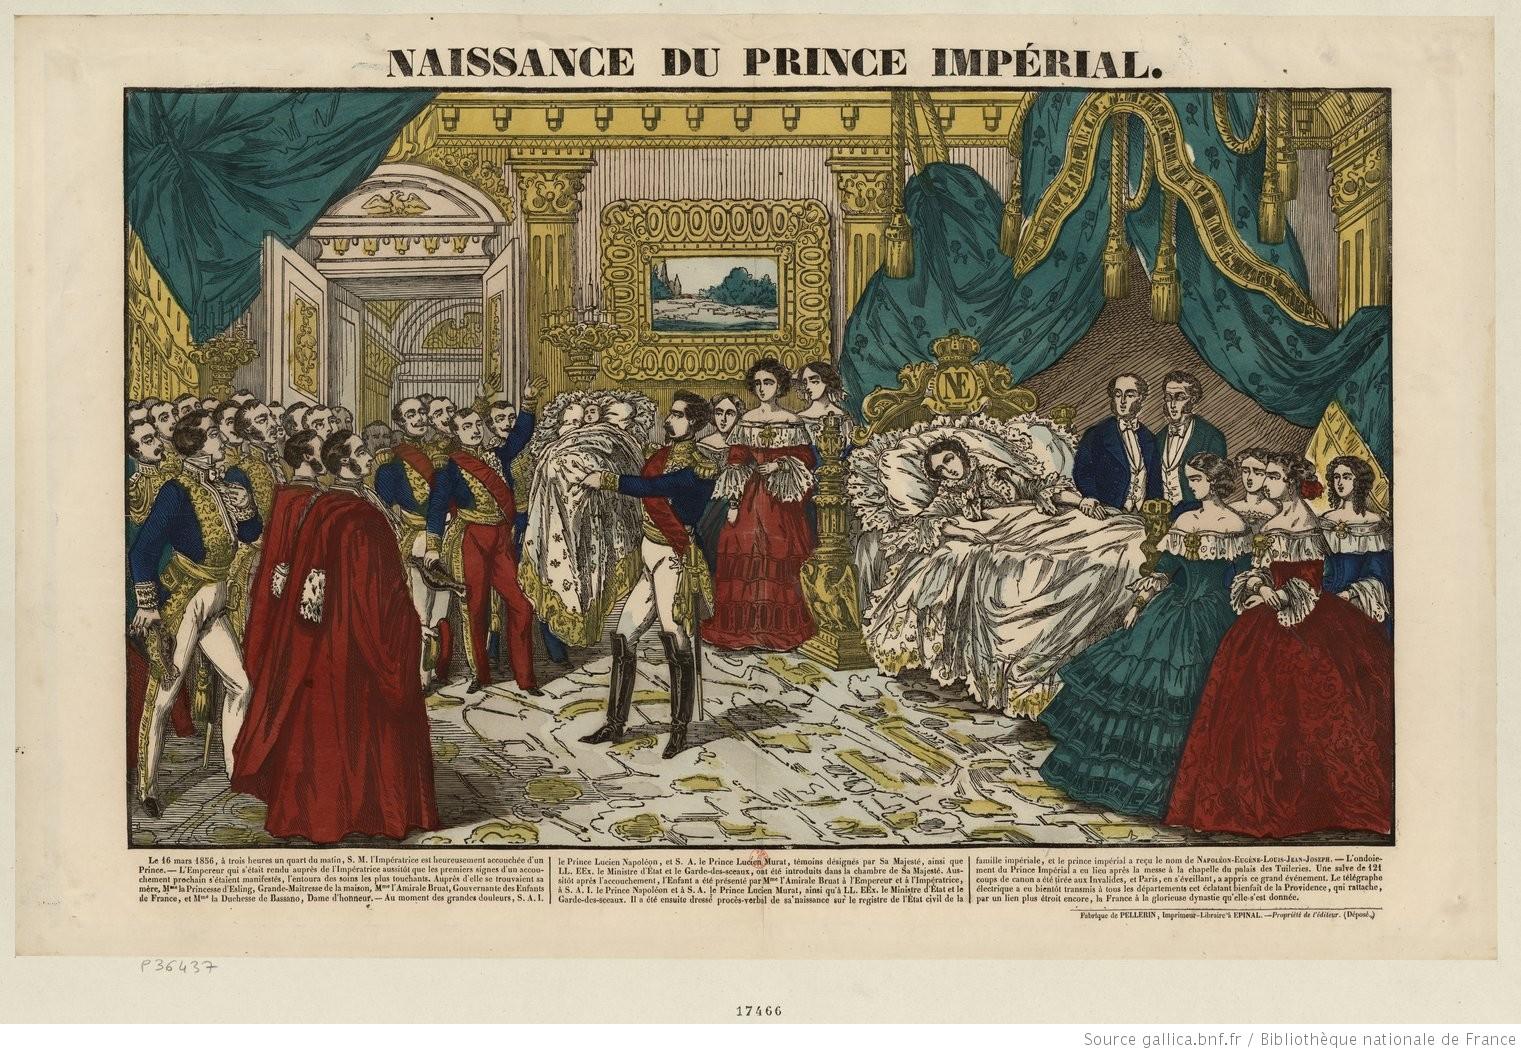 Naissance du Prince Impérial : estampe. Fabrique de Pellerin, Imprimeur-Libraire à Épinal? BnF, Département des Estampes et photographie.